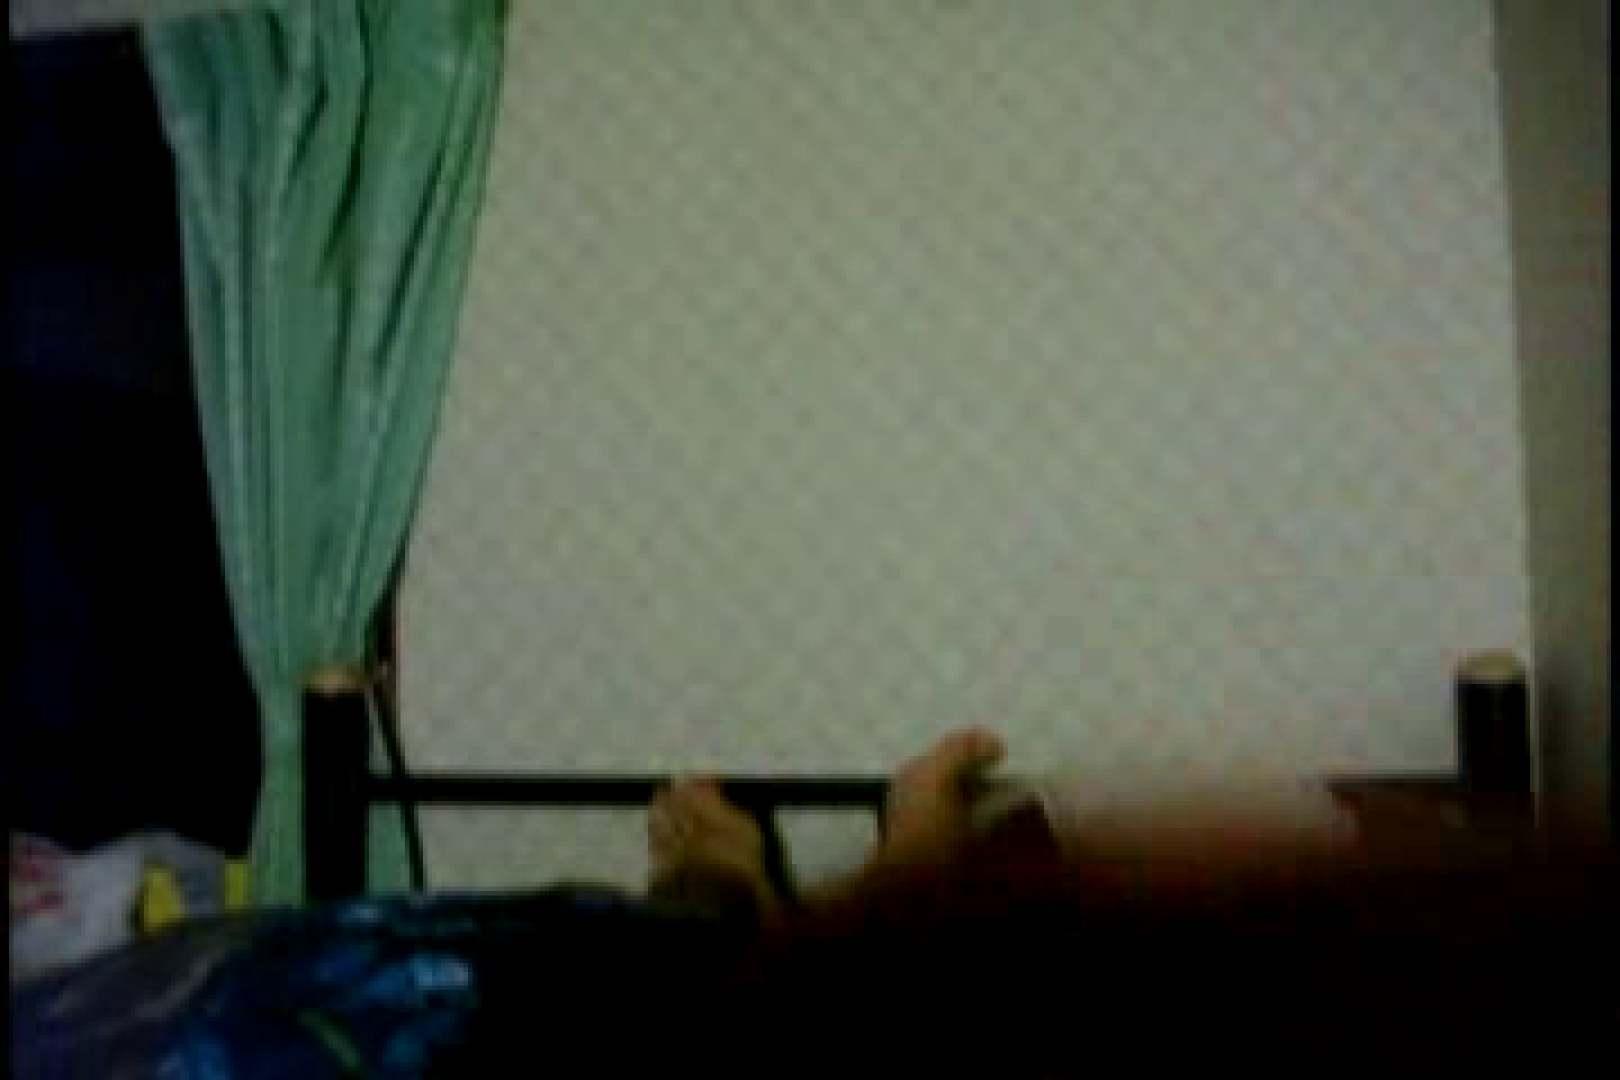 オナ好きノンケテニス部員の自画撮り投稿vol.03 愛するノンケ | 投稿  15枚 2